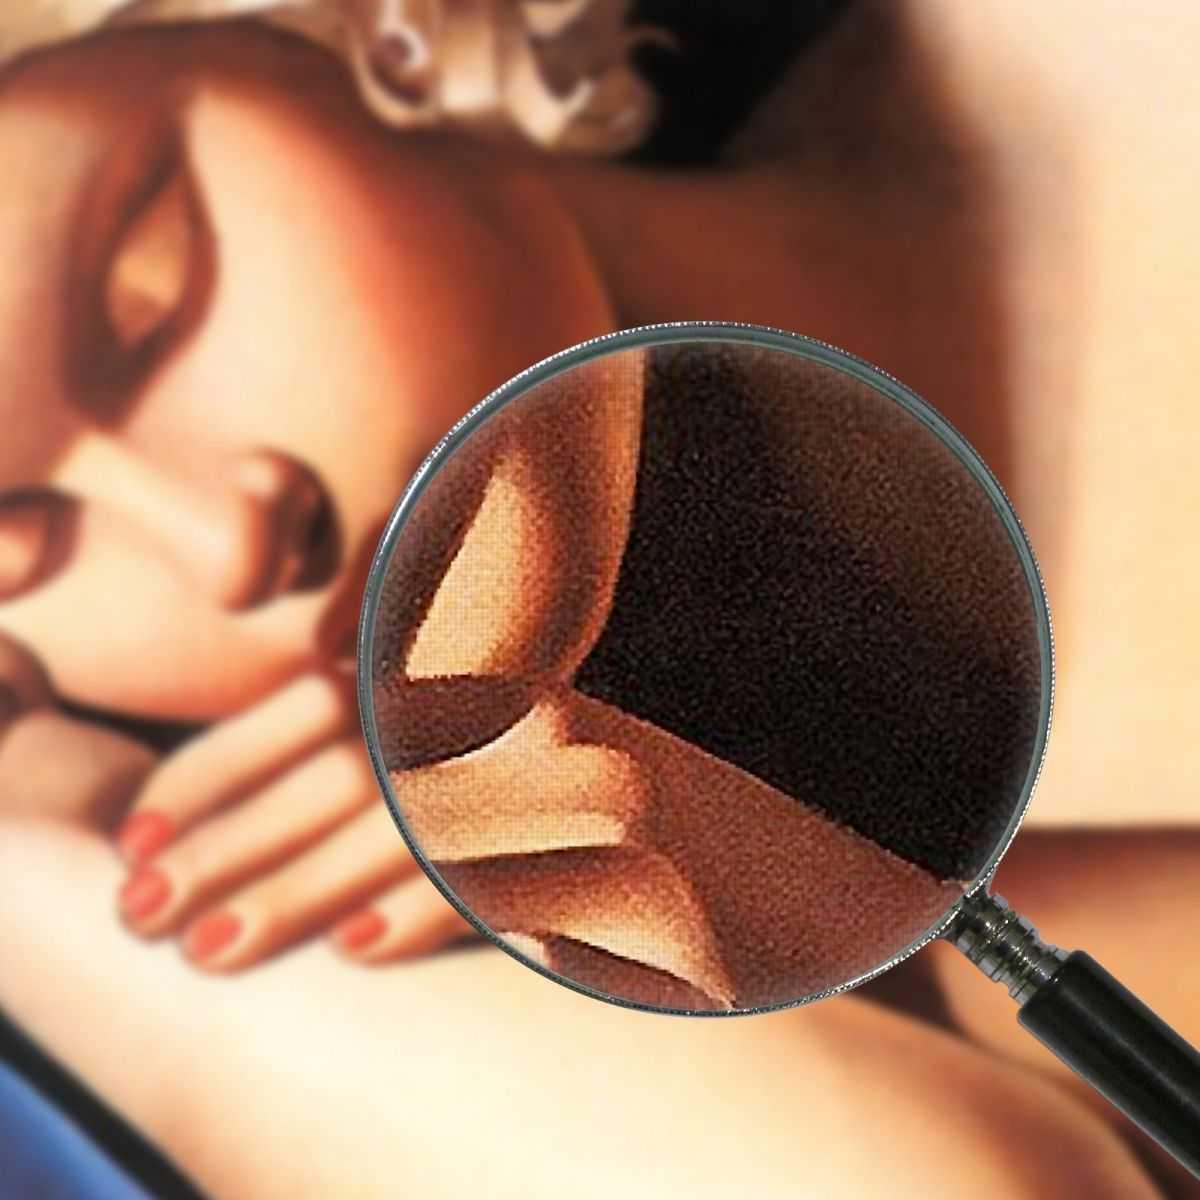 Ragazza addormentata Tamara de Lempicka quadro stampa su tela 100x80 cm LMT40